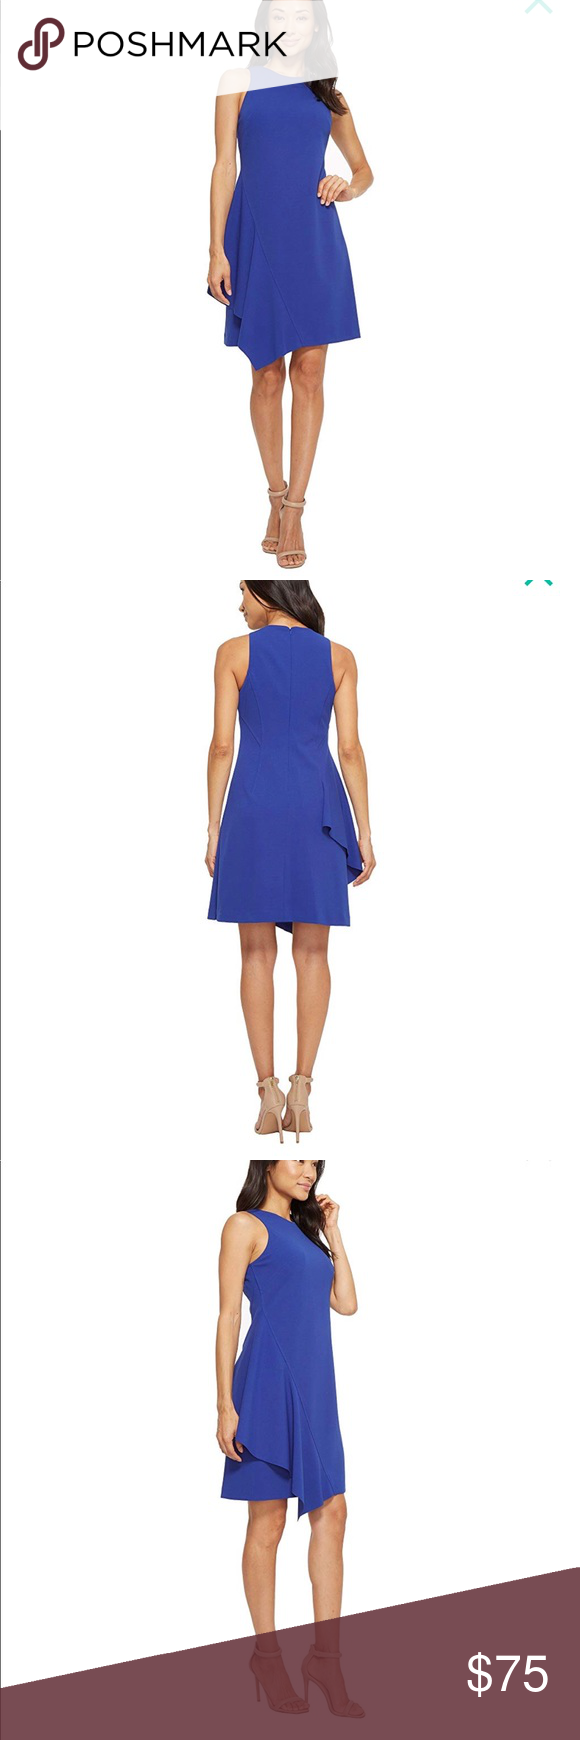 Vince Camuto Cobalt Blue Dress Nwt Size 4 Cobalt Blue Dress Clothes Design Fashion [ 1740 x 580 Pixel ]